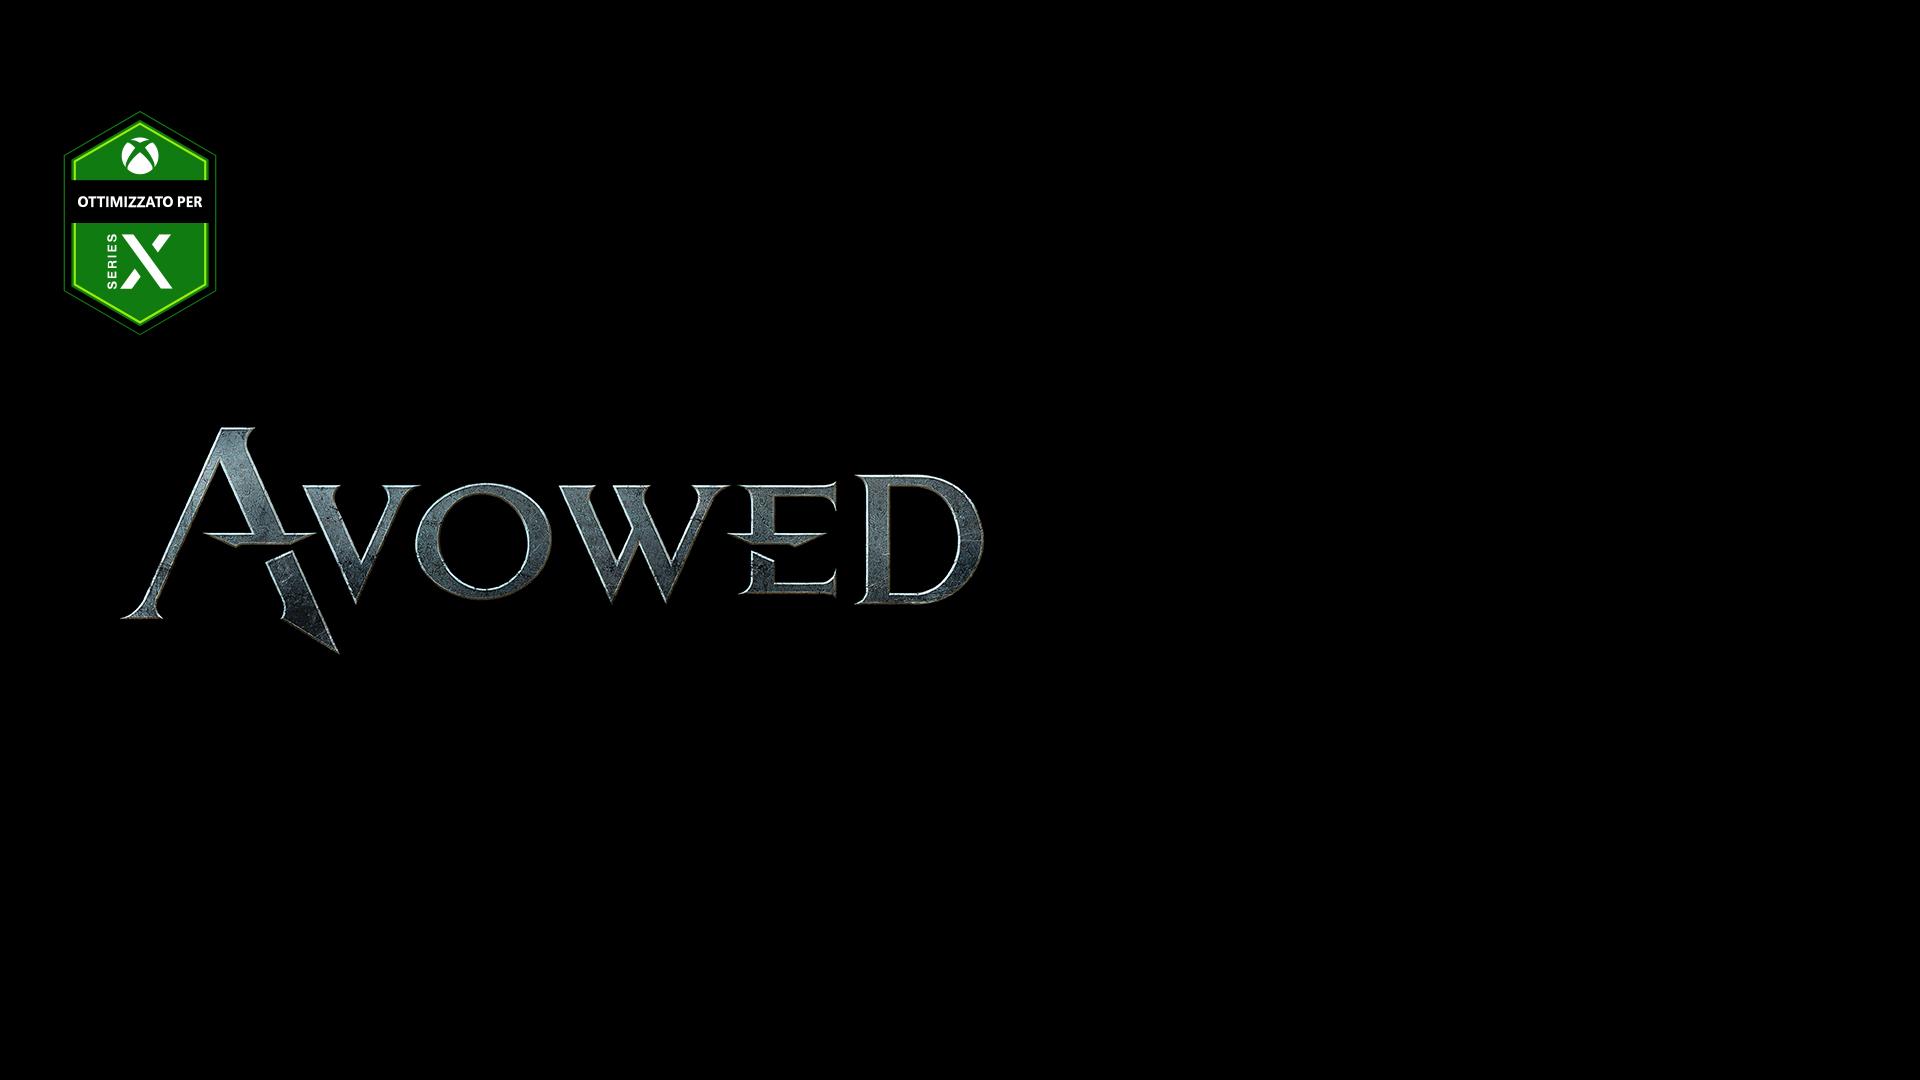 Logo di Avowed